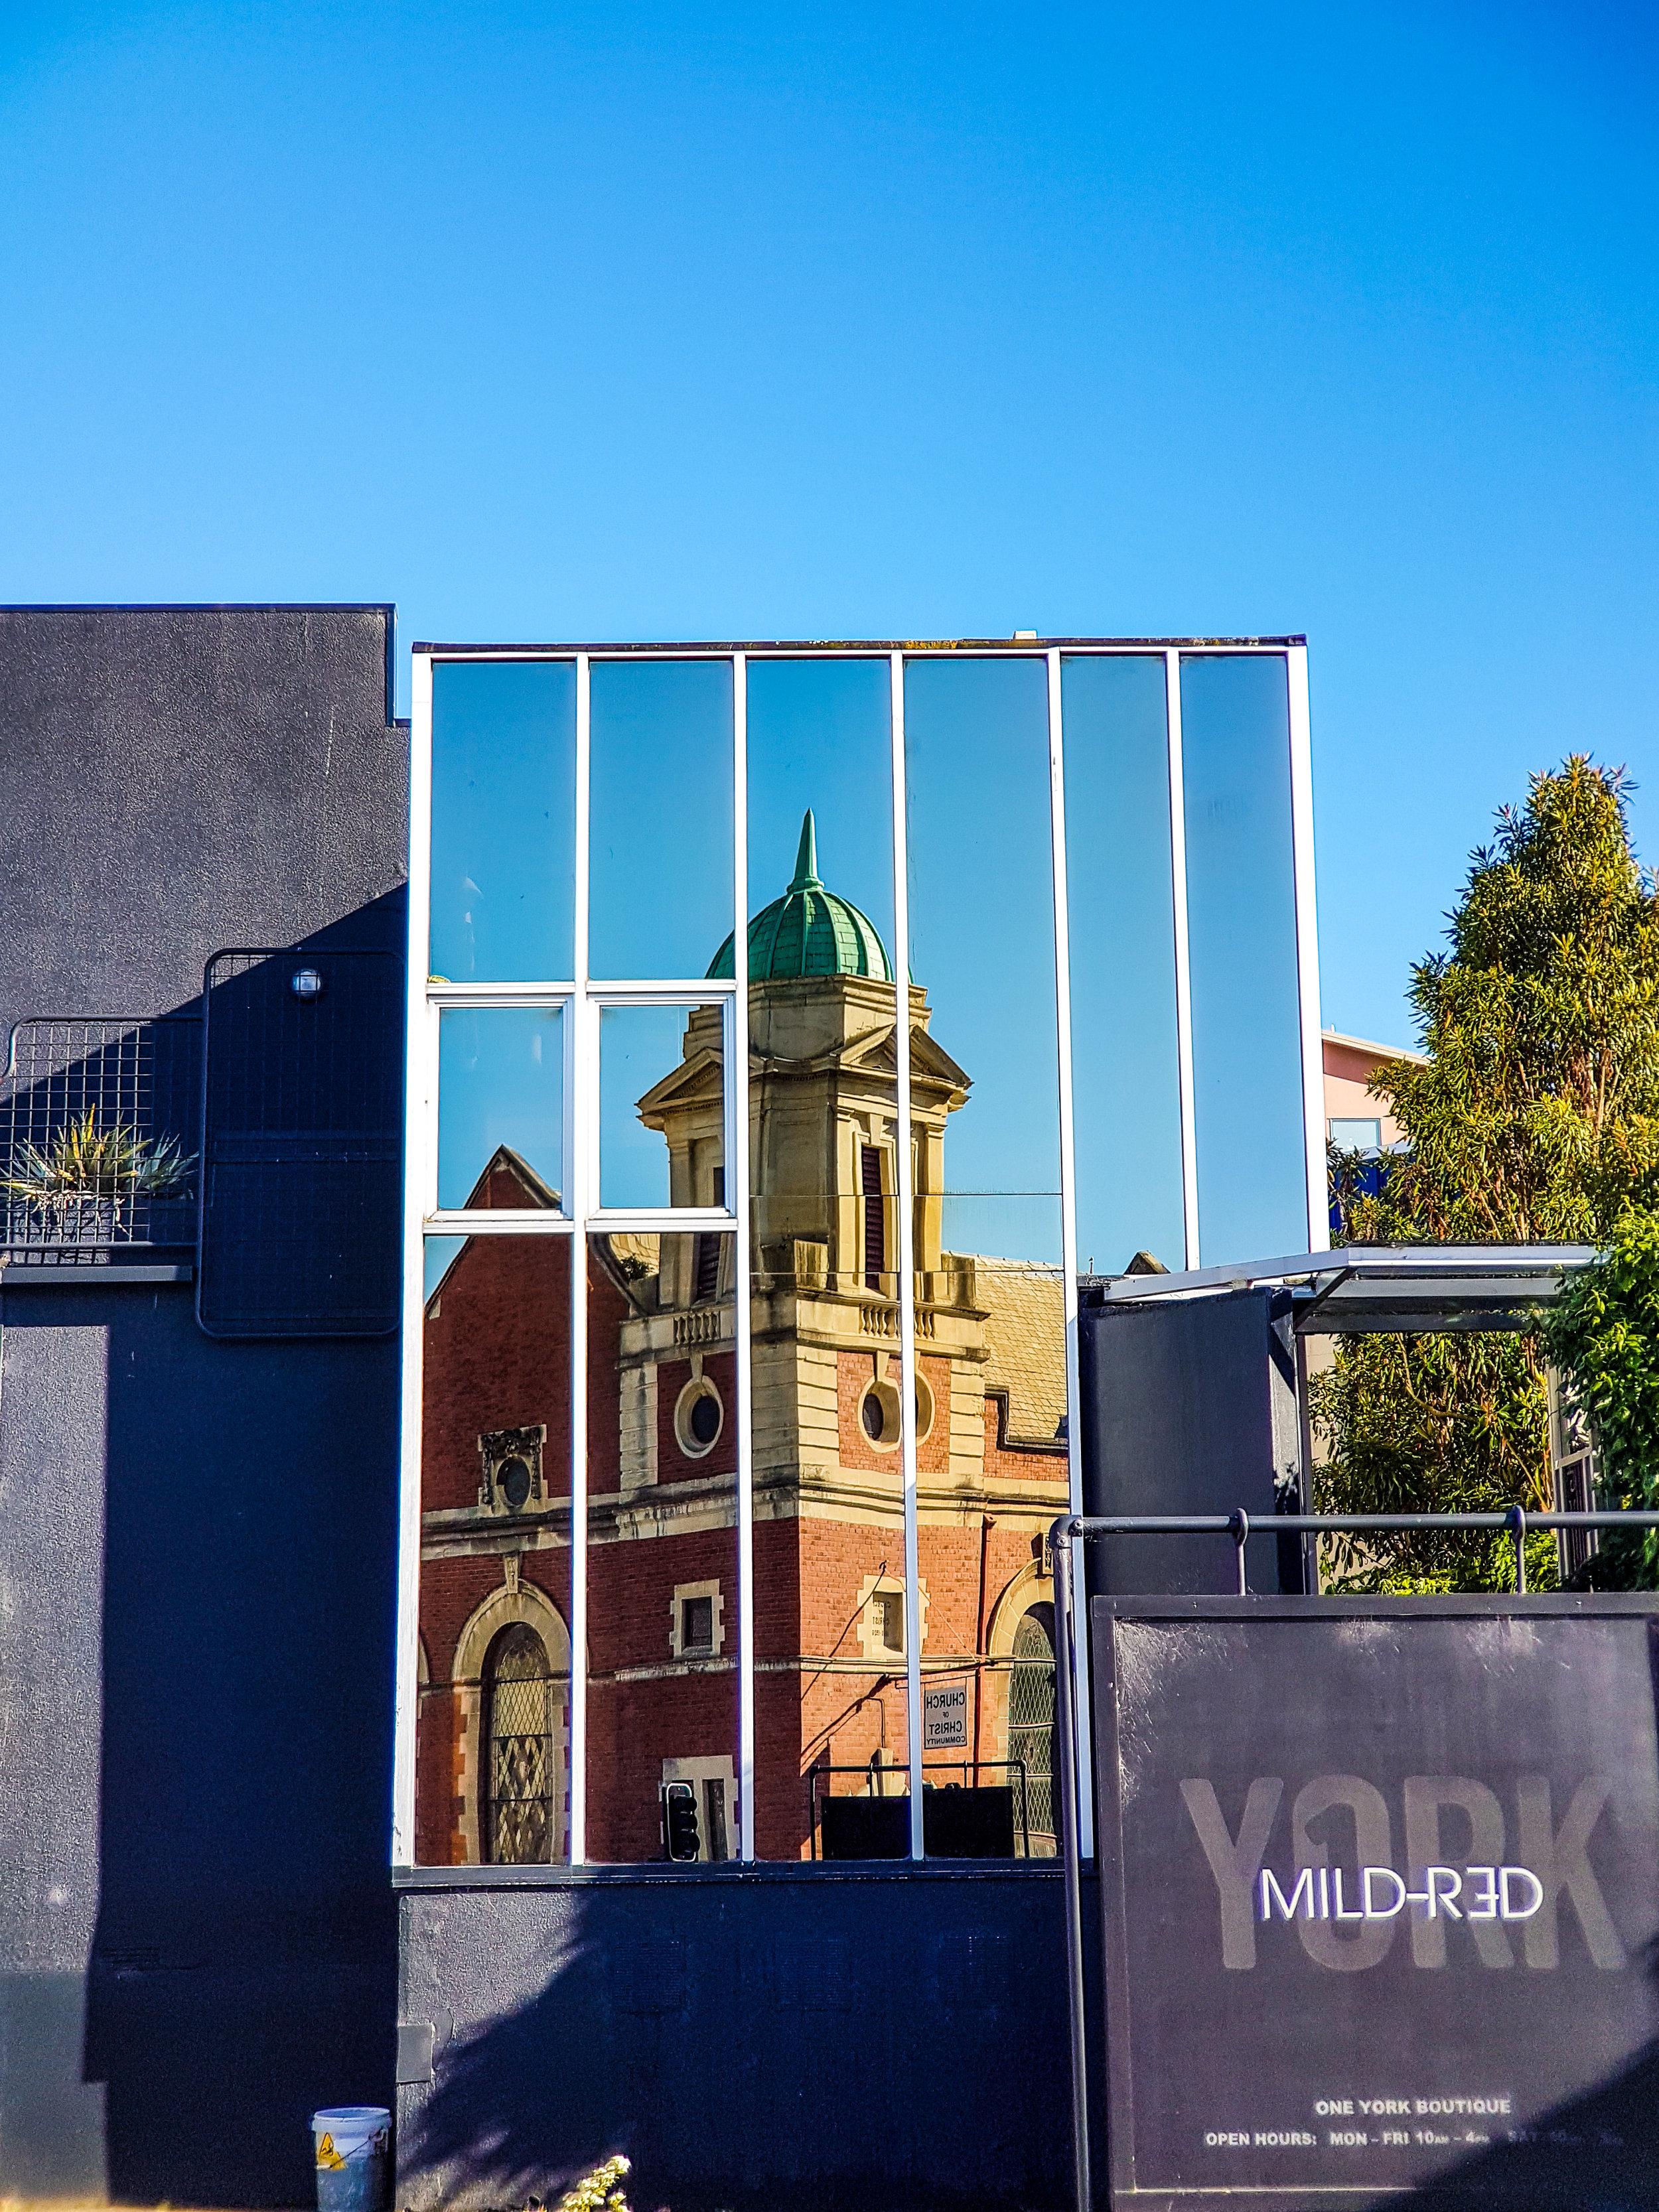 Dunedin church reflected in glass